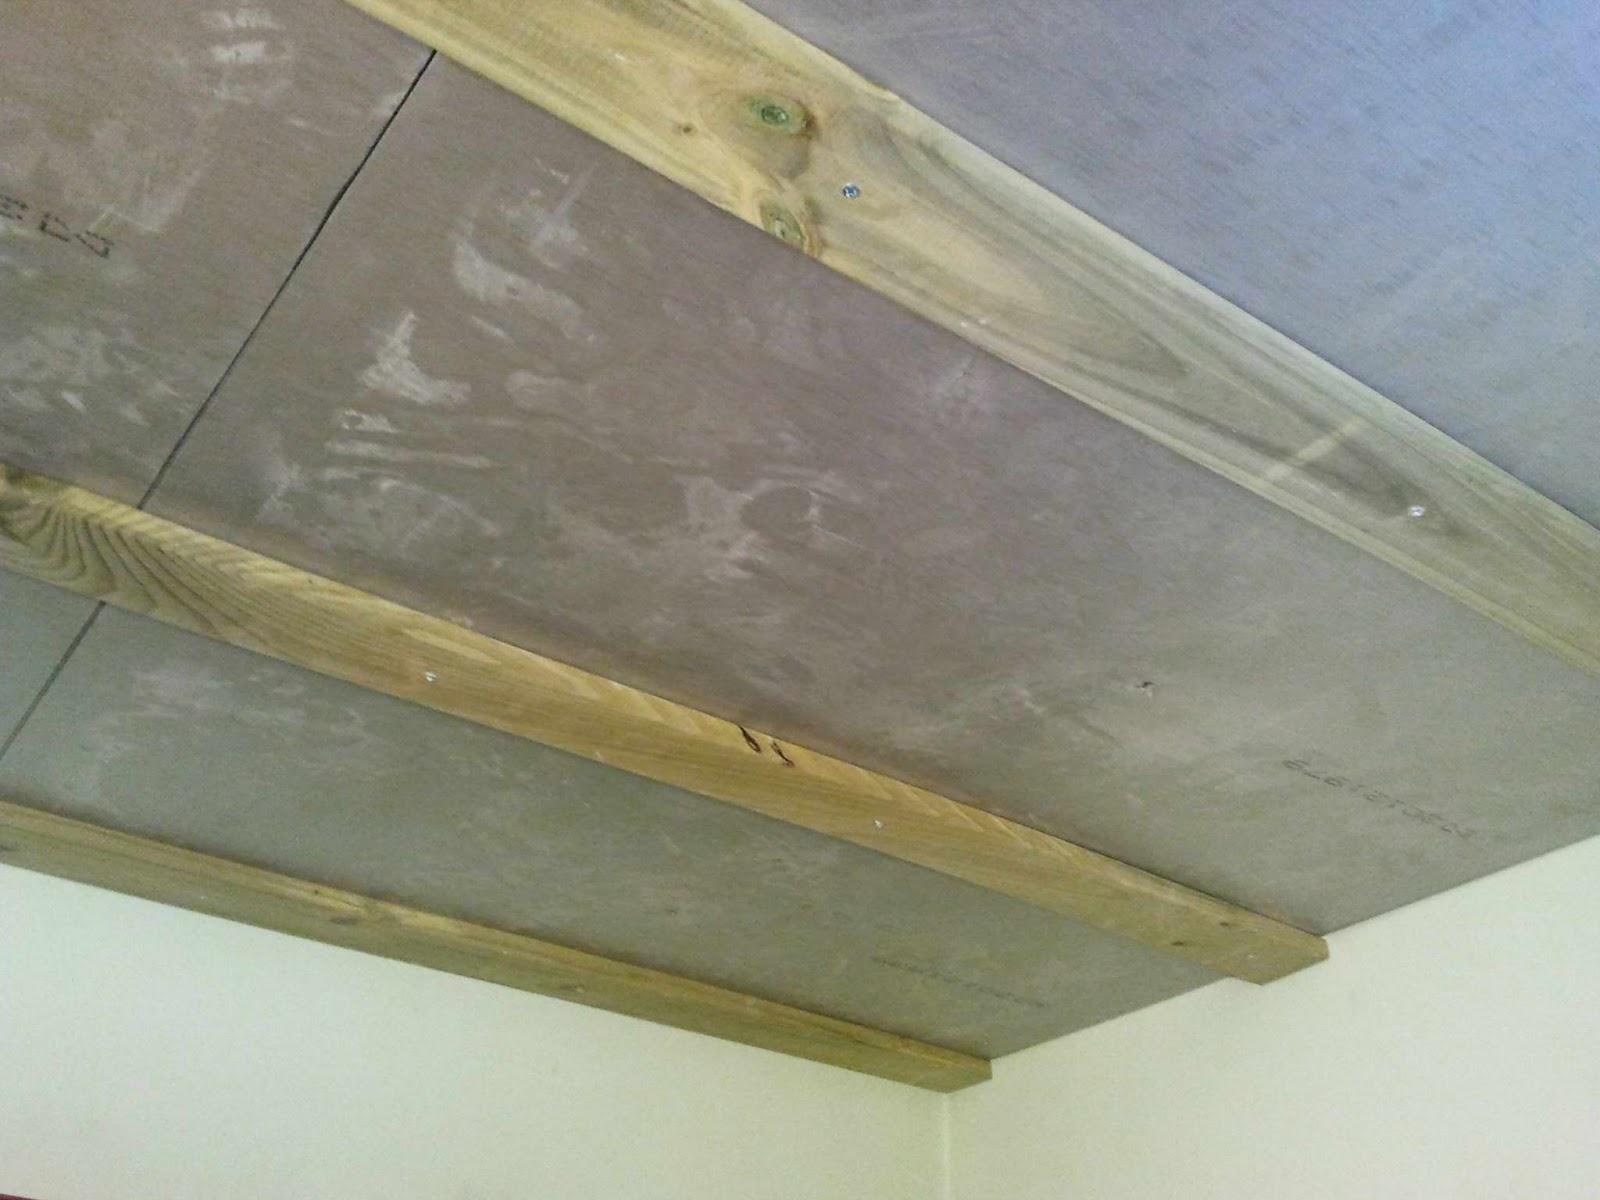 Aislamiento termico interior - Aislamiento termico techos interior ...